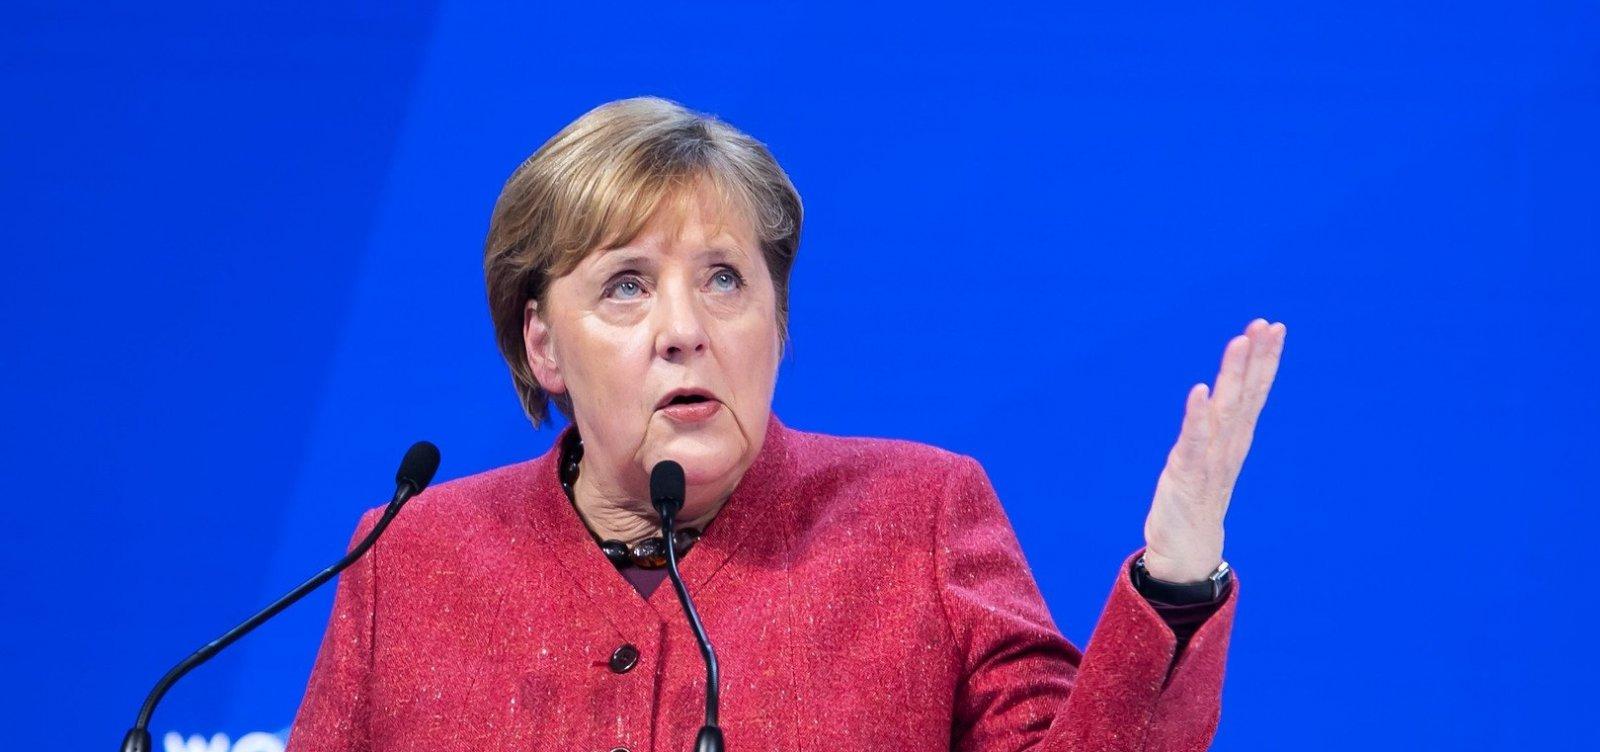 Após festas de fim de ano, chanceler da Alemanha diz que pior fase da pandemia ainda está por vir